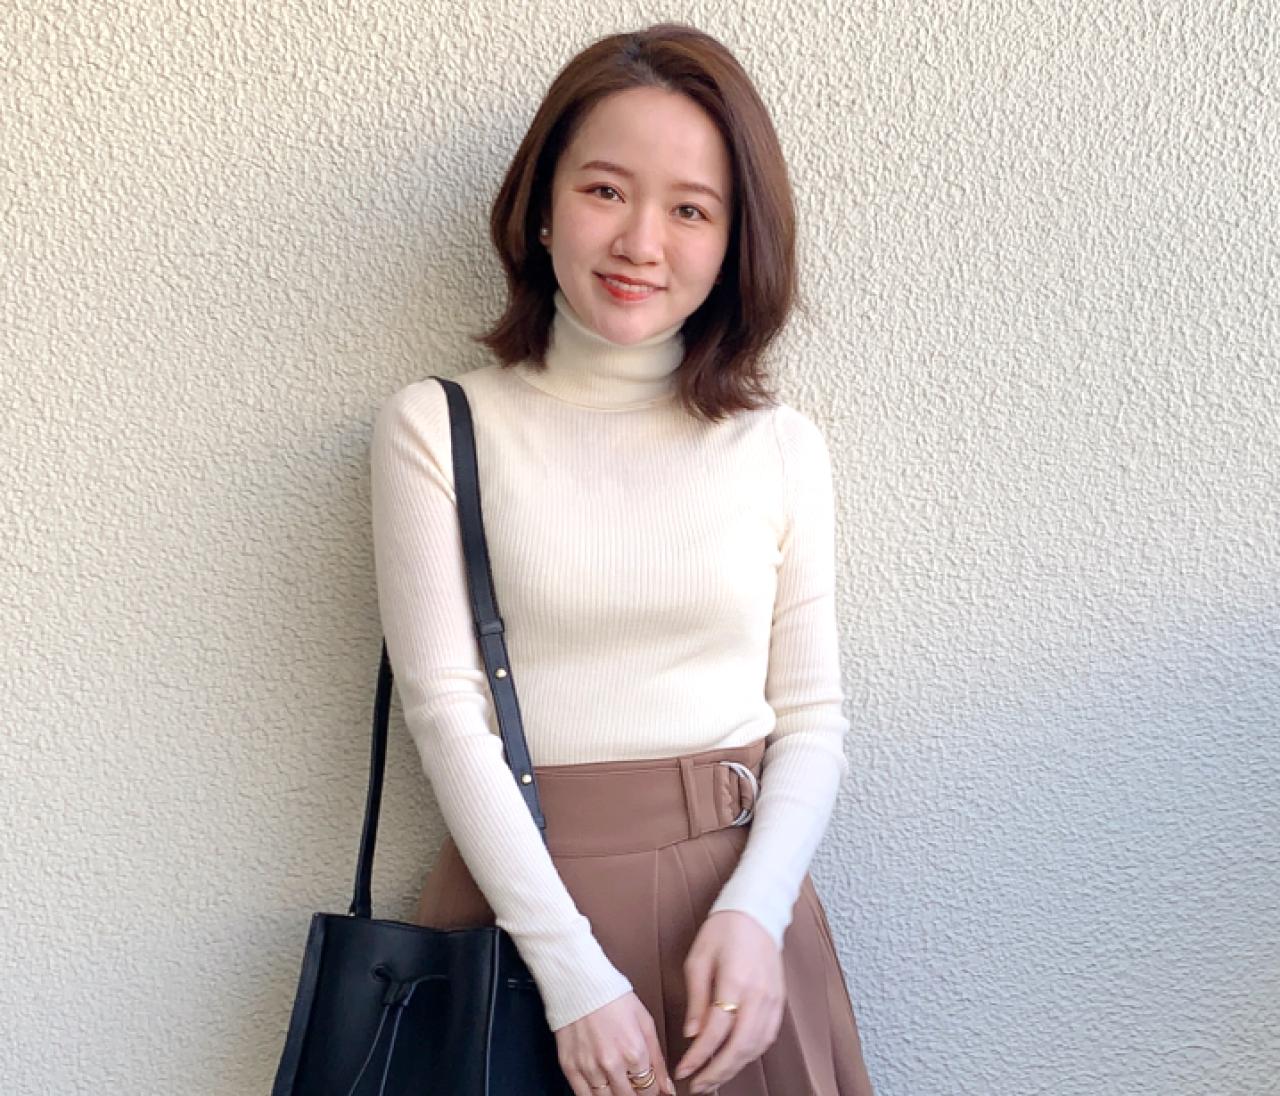 【ユニクロ|Sサイズコーデ】美シルエットを叶えるリブタートルネックセーターって?